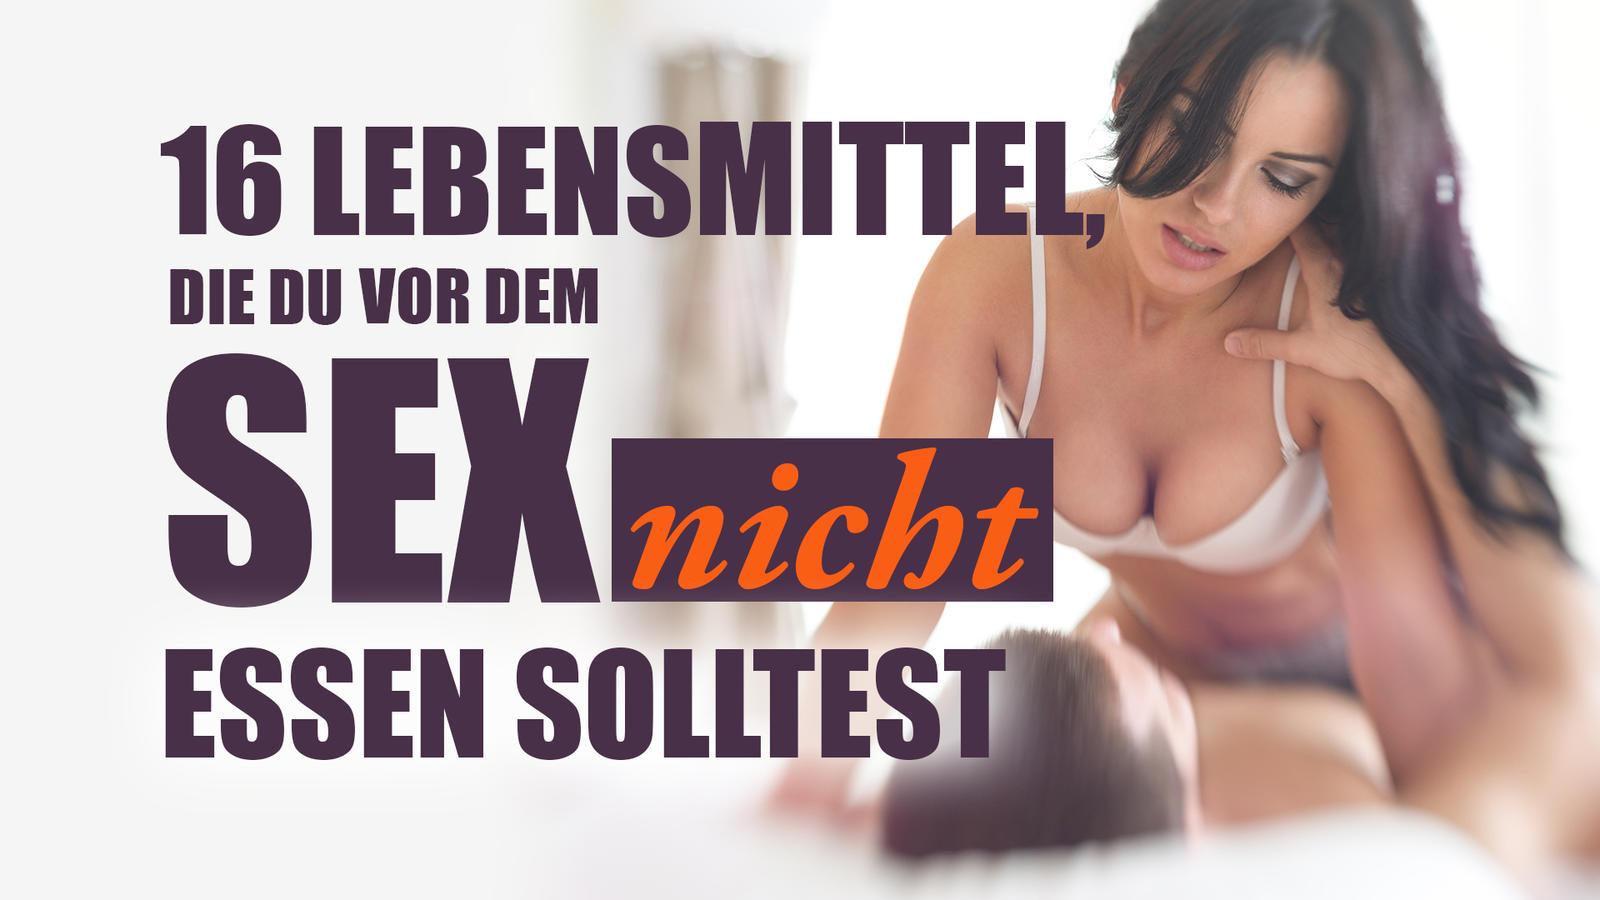 lebensmittel sex tube